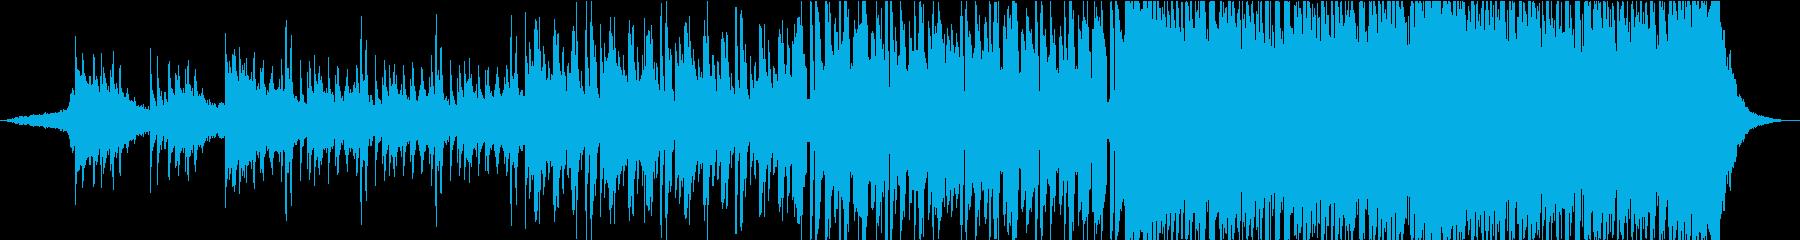 可愛いライブ入場SE_CMにも 90秒の再生済みの波形